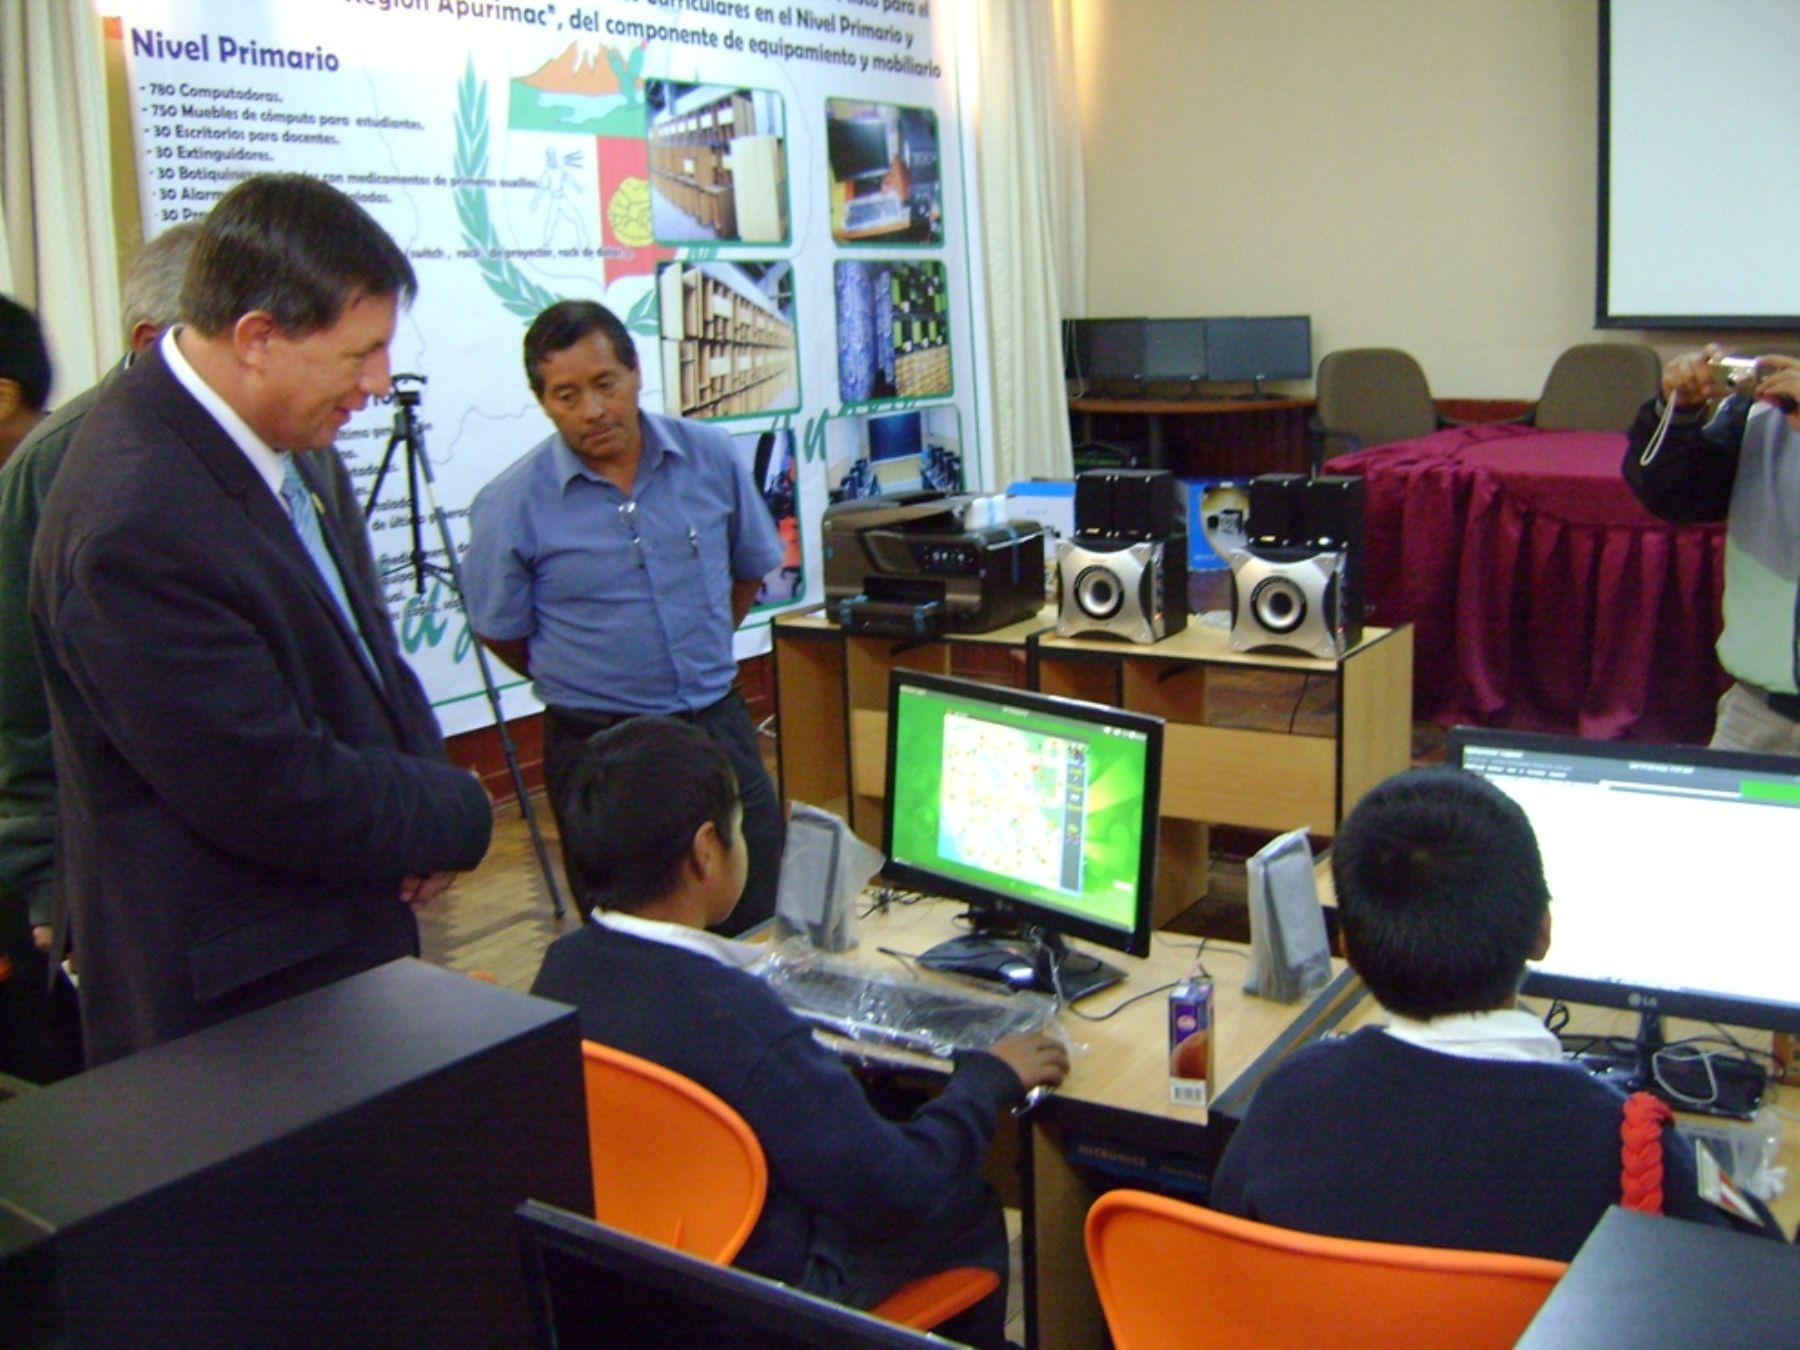 Apurímac contará con centros virtuales piloto para los escolares de las siete provincias apurimeñas.